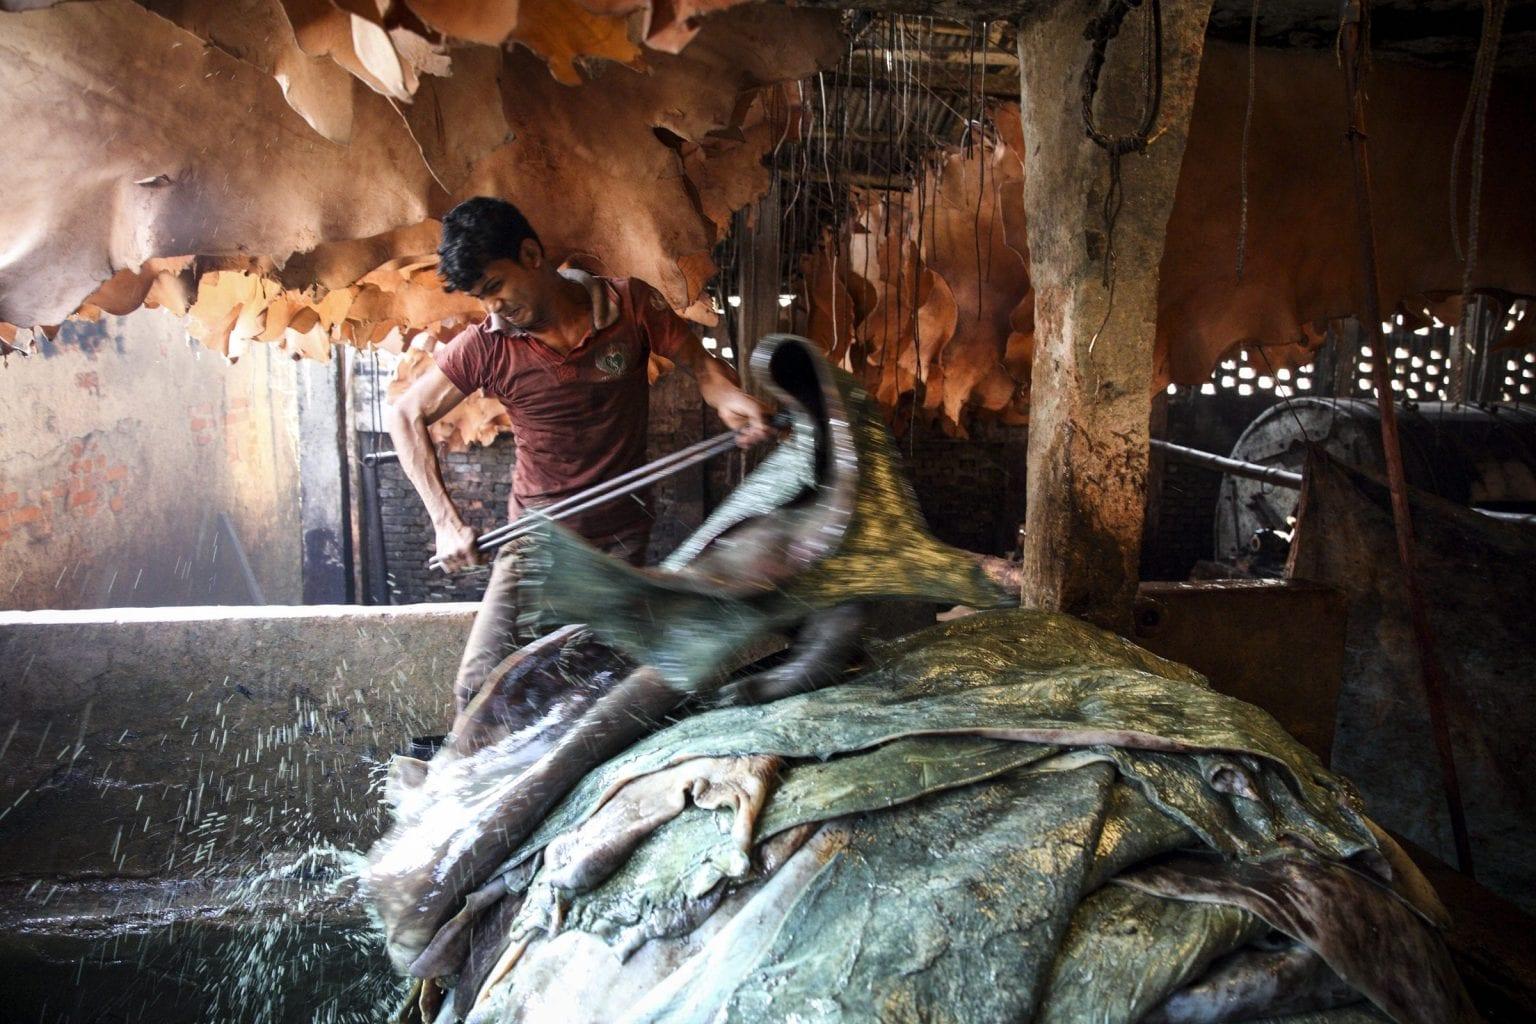 Arbejdere på garverier i Indien og Bangladesh arbejder under farlige vilkår. Danwatch har interviewet flere arbejdere i byen Vaniyambdi i Indien, som siger, at de bliver syge af at arbejde i støv og kemikaliedampe. I Bangladesh var byen Hazaribagh centrum for læderindustrien i mange år,og oplevede også konsekvenser som forurening og sygdom. Foto: GMB Akash